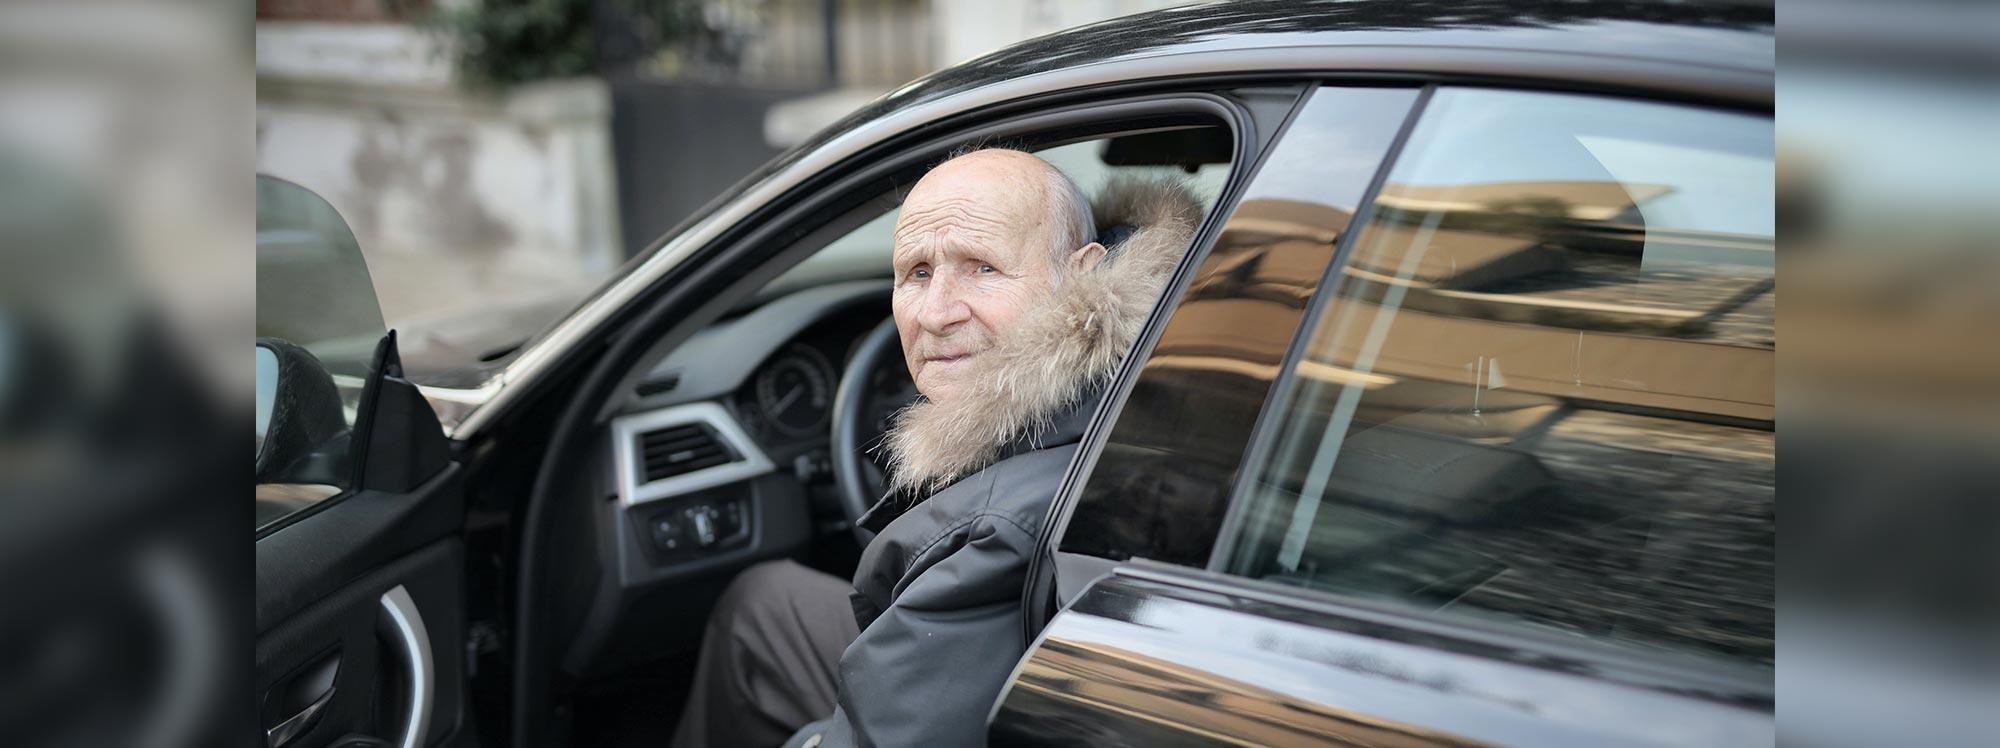 ¿Existe un límite de edad para dejar de conducir?